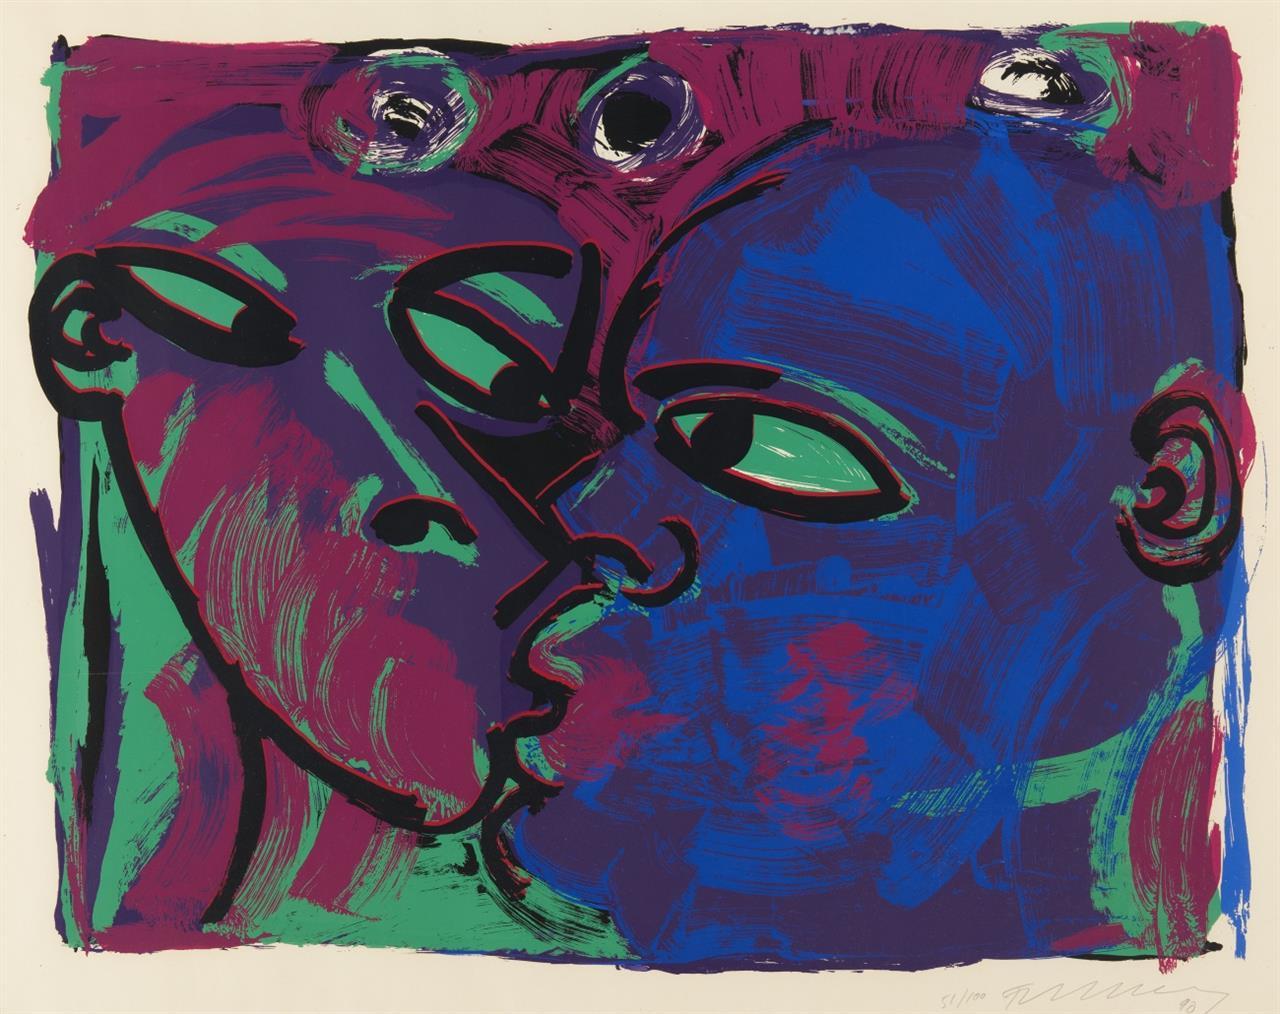 Rainer Fetting. Der Kuss. 1990. Farbserigraphie. Signiert. Ex. 51/100.